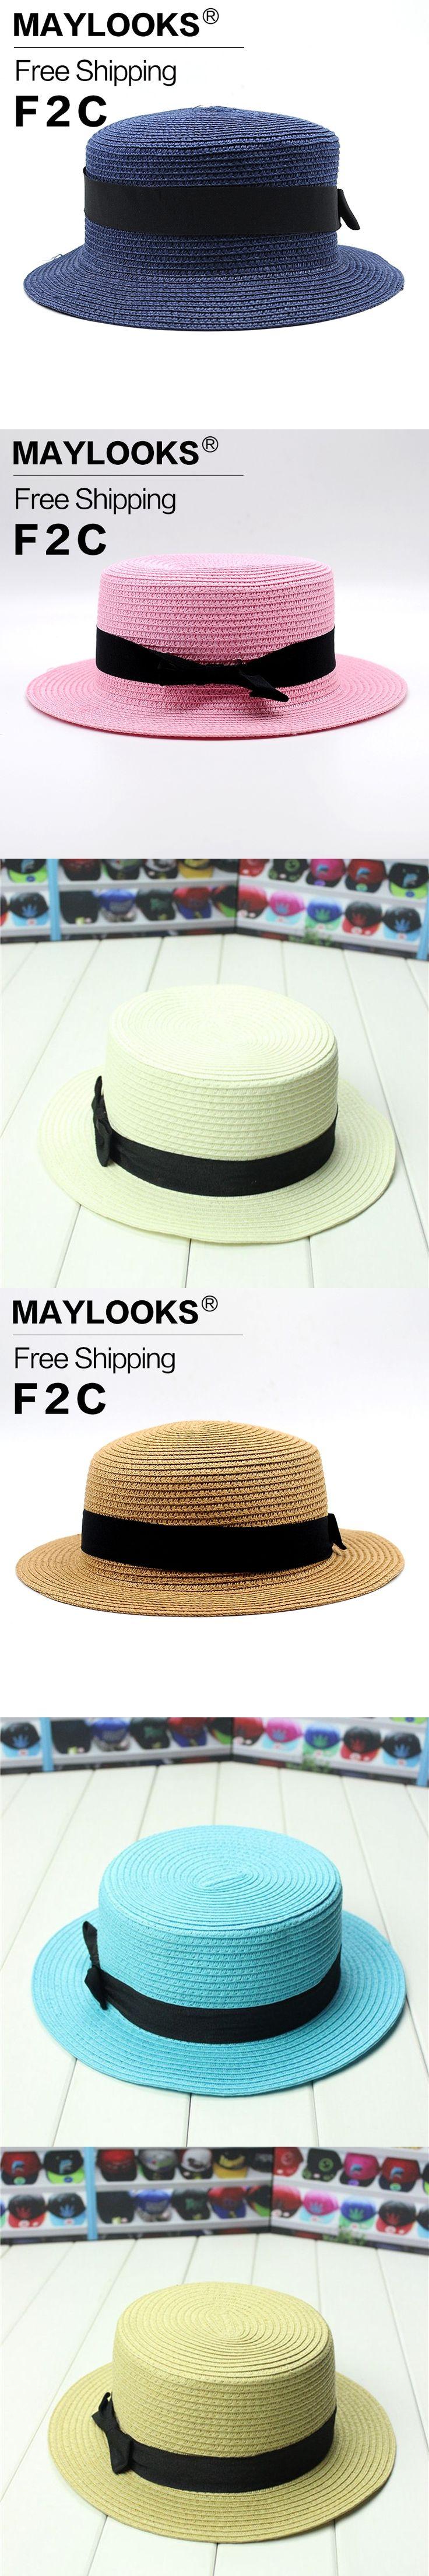 Maylooks Rosette Fedora Temperament Ladies Sun Hats 2017 Summer New Dress Cap For Women Sun Summer Straw Beach HN26